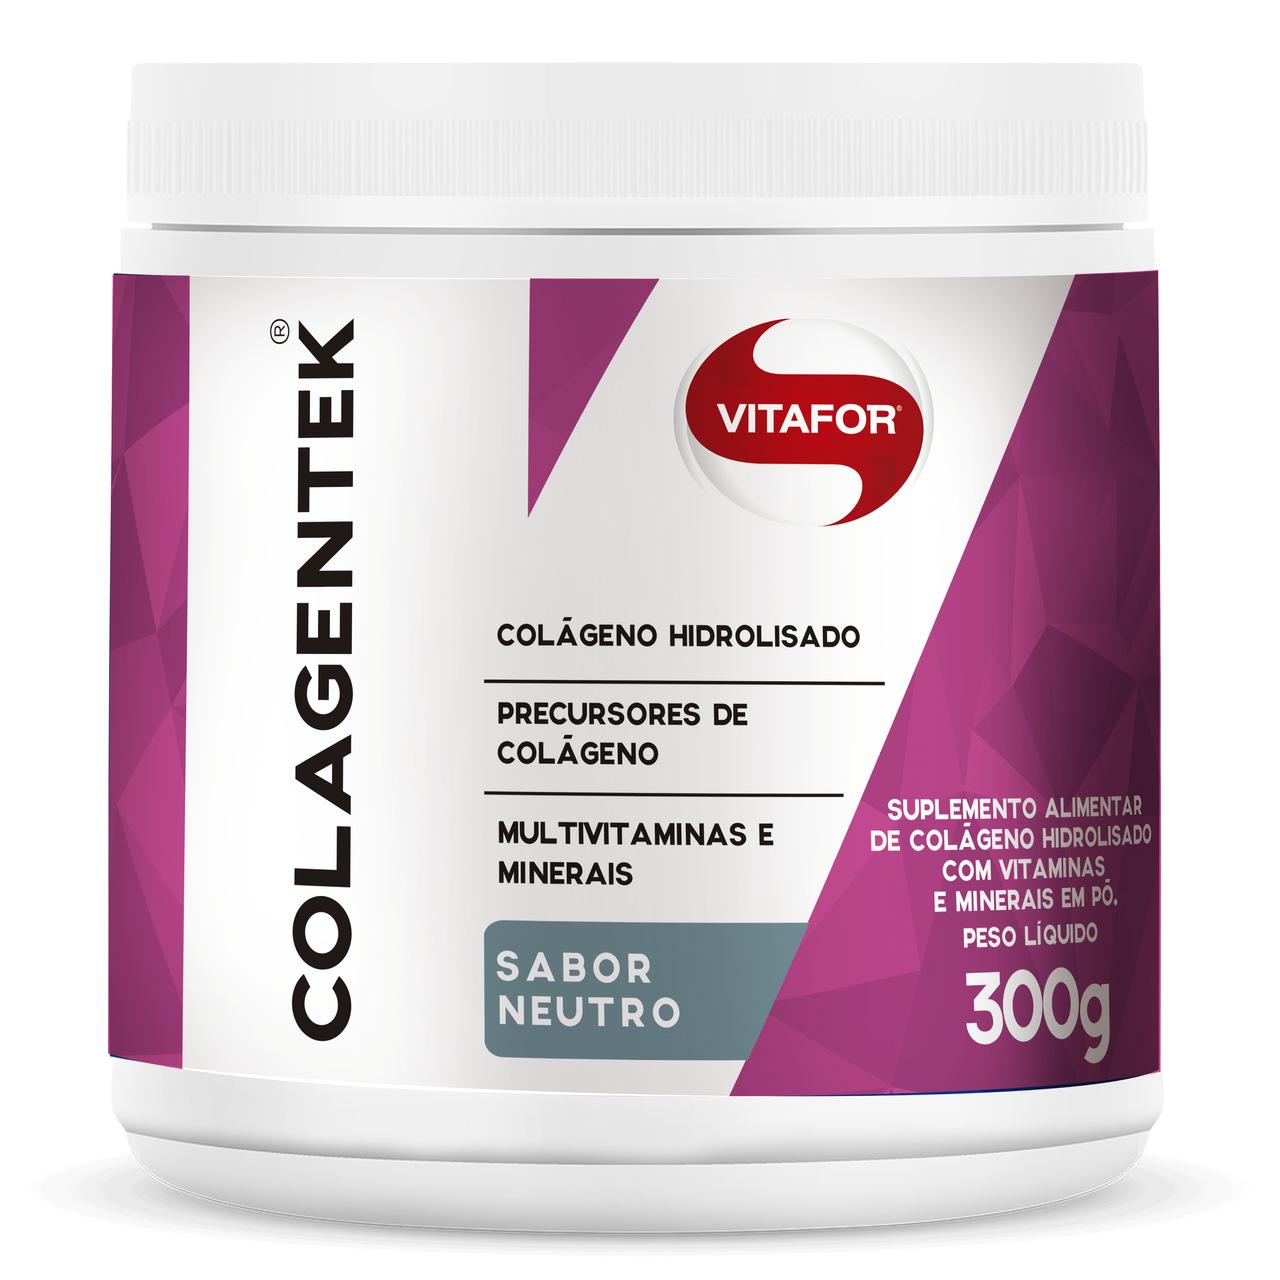 Colagentek Vitafor